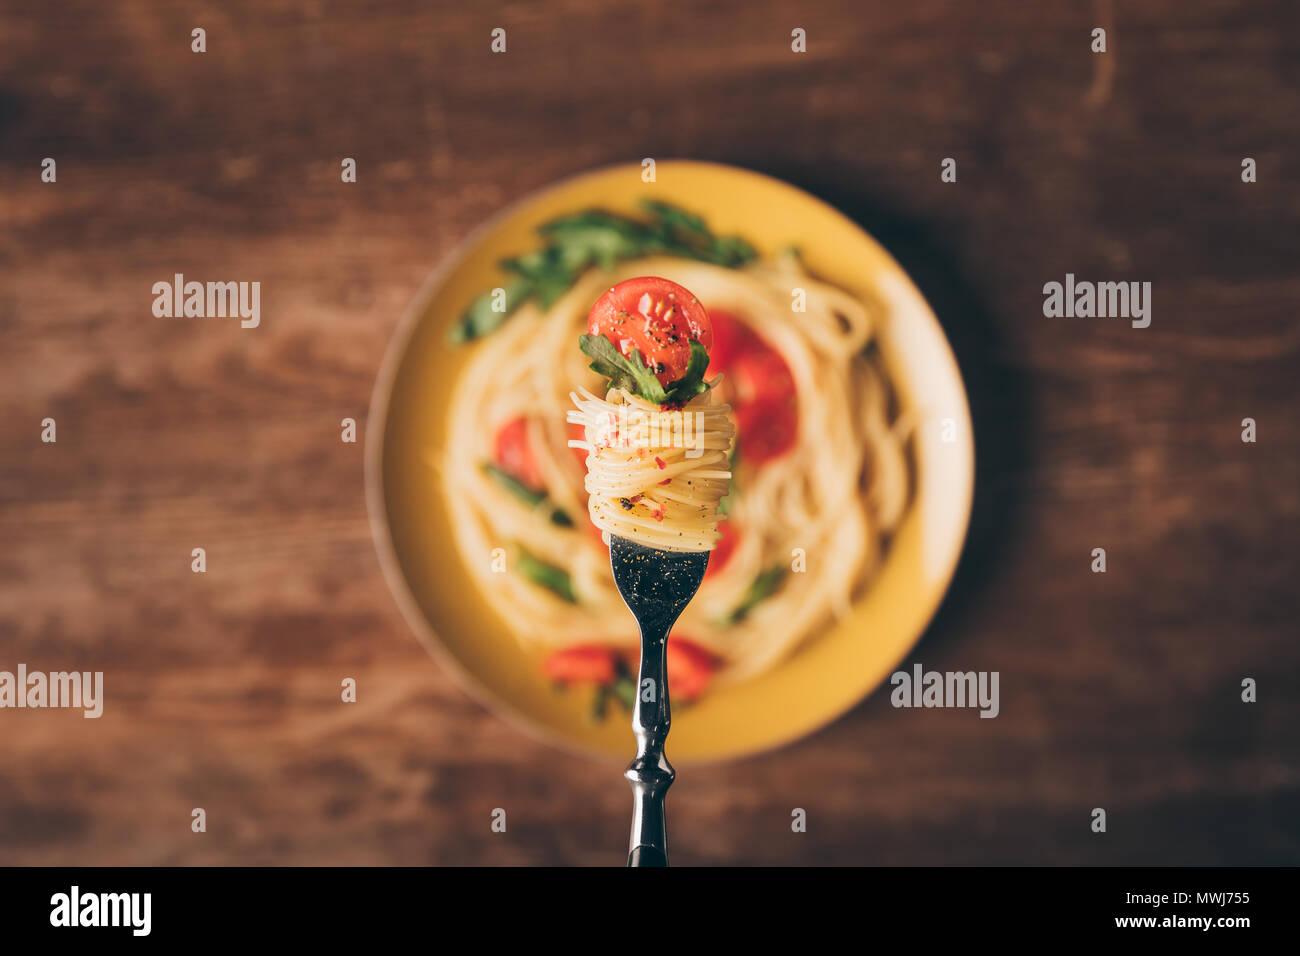 Selektiver Fokus der traditionellen italienischen Nudeln auf die Gabel Stockbild